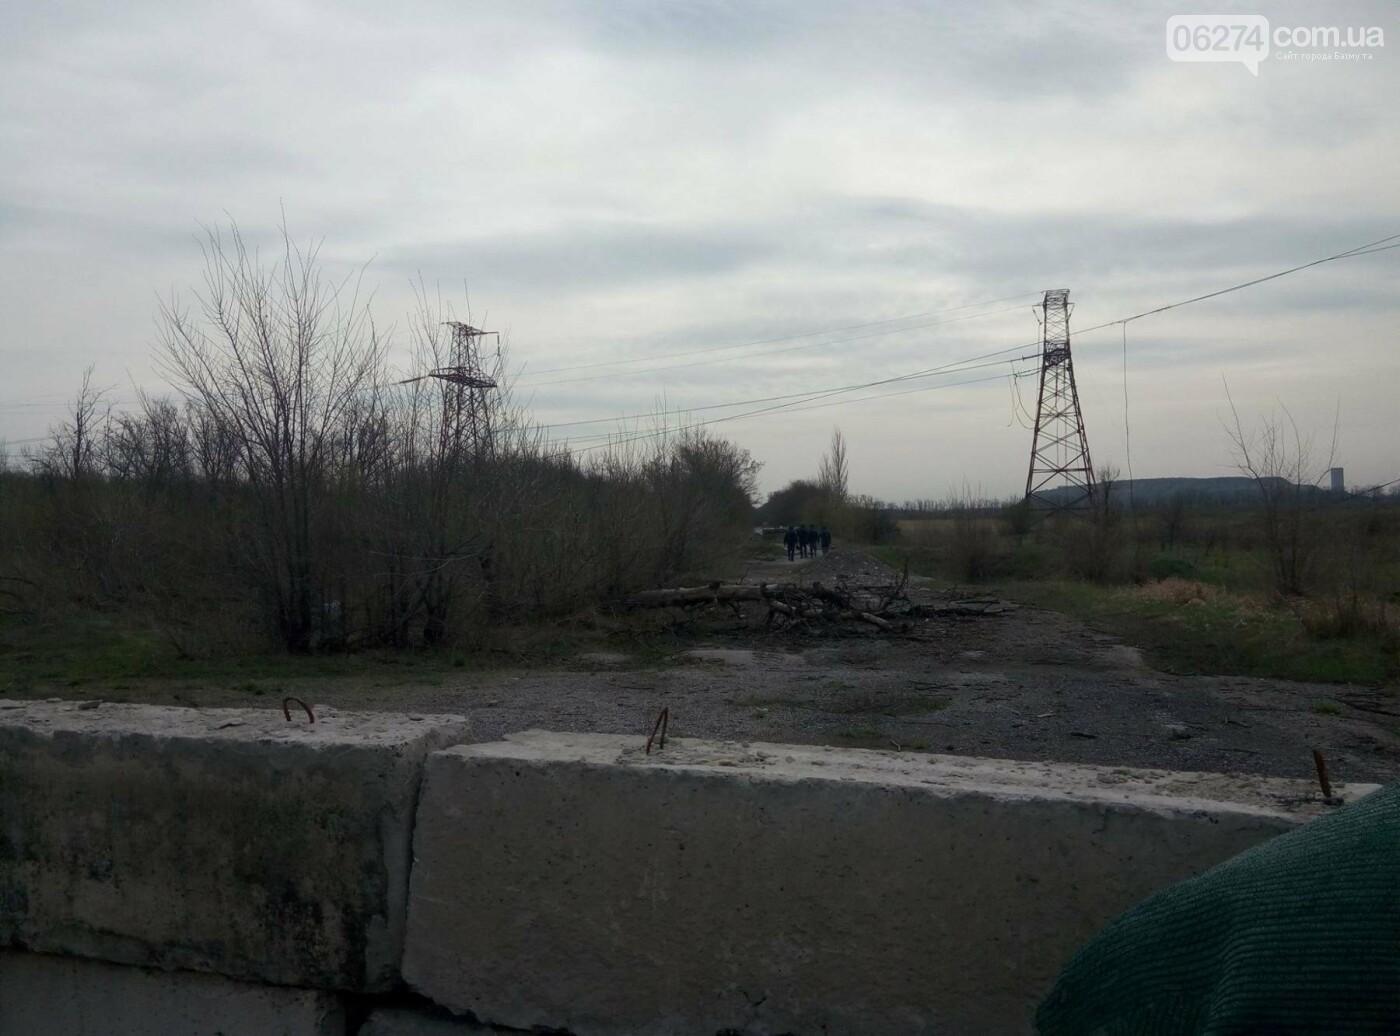 В Бахмутском районе вблизи линии разграничения восстанавливают водоснабжение, фото-1